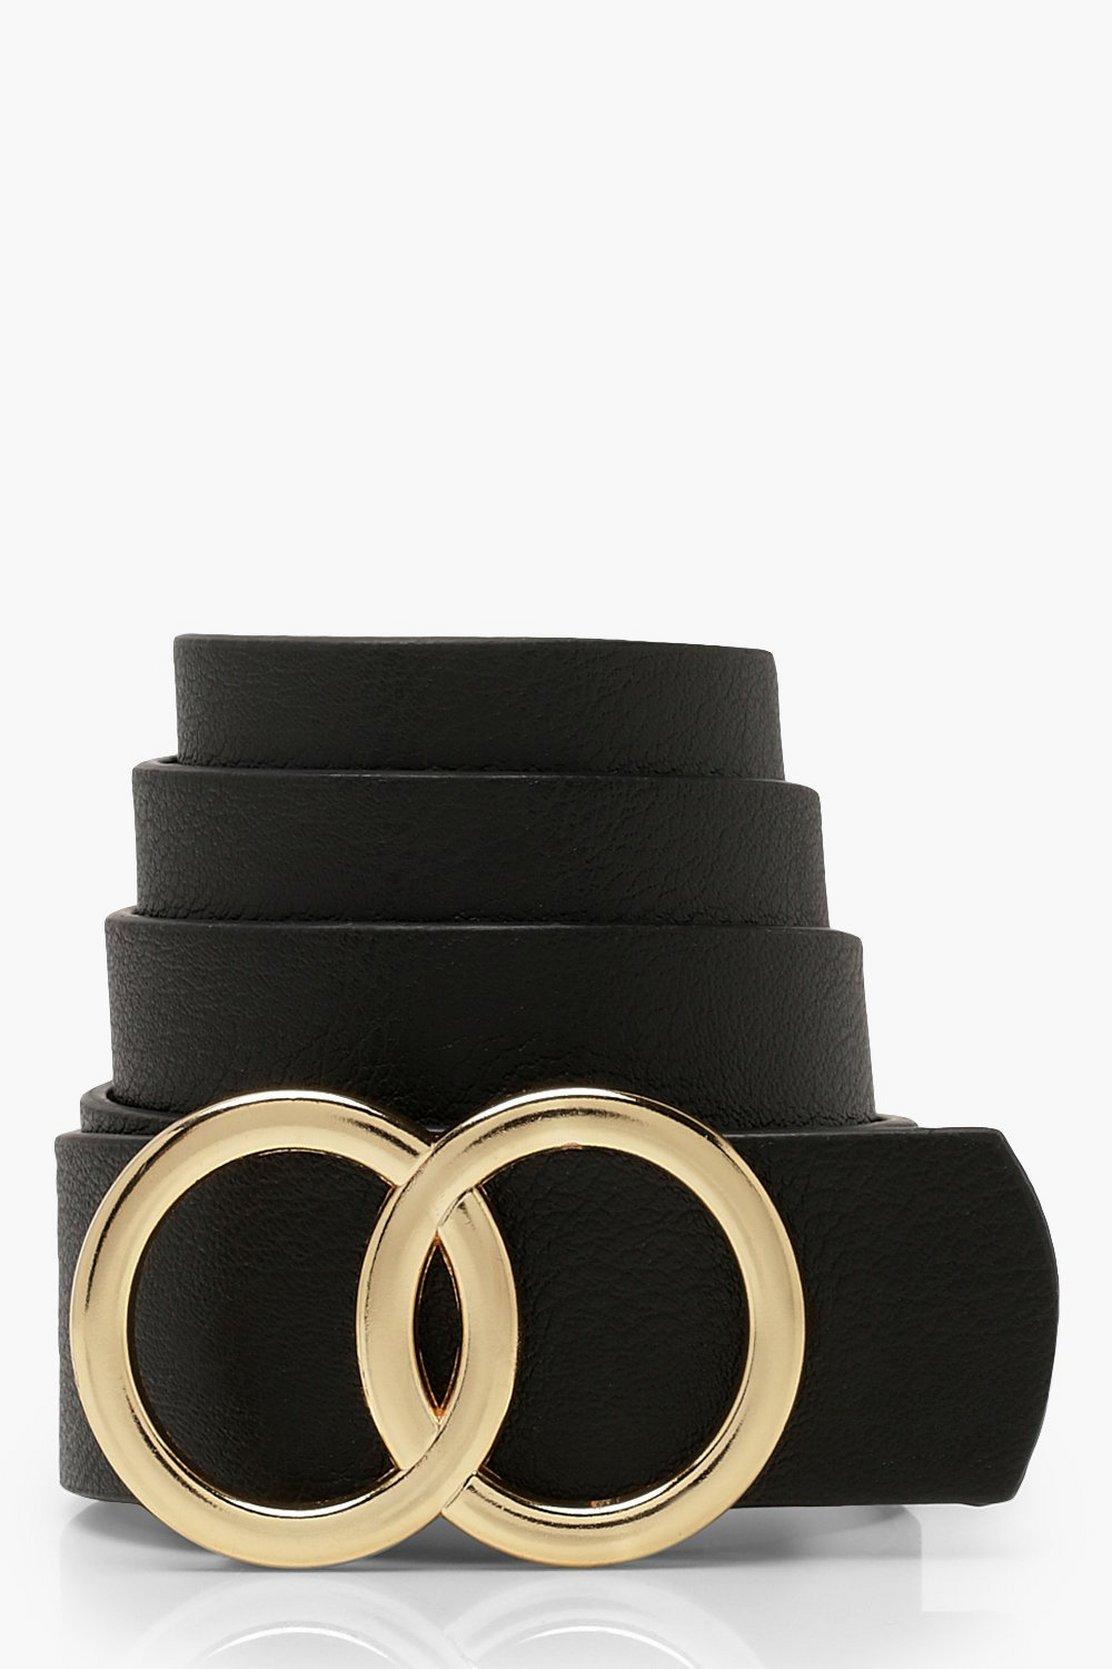 Plus Double Ring Detail Boyfriend Belt by Boohoo